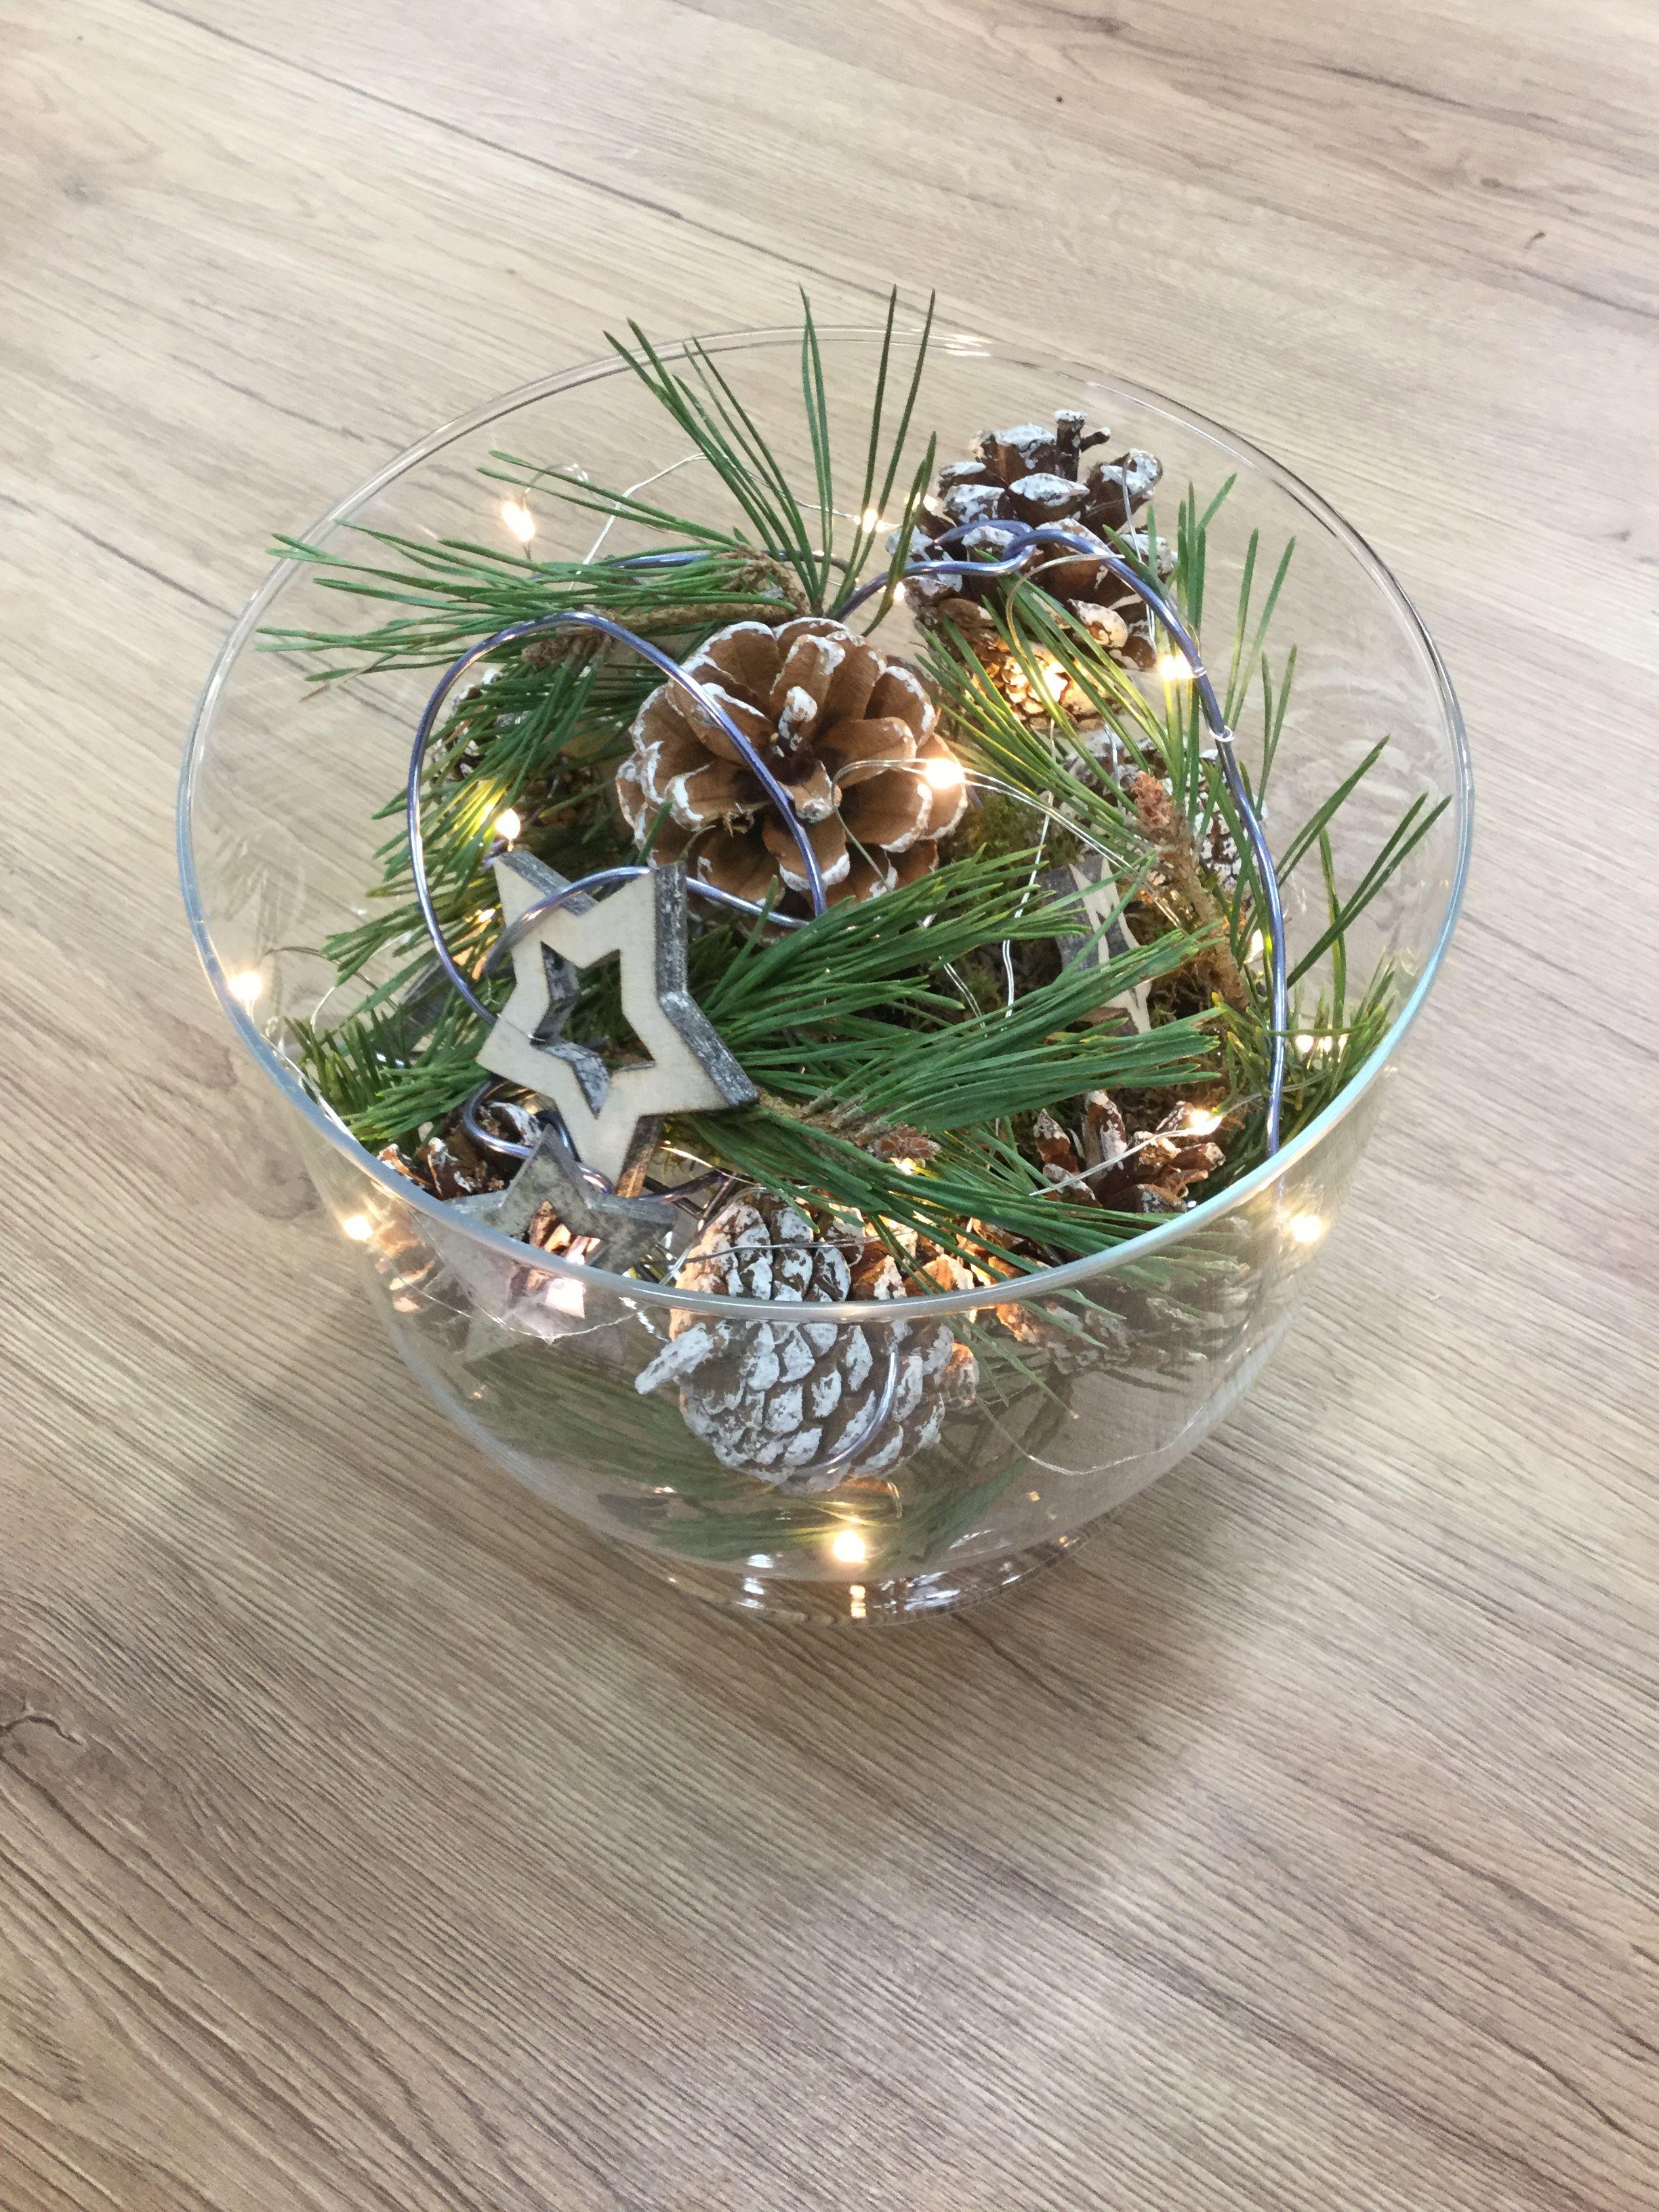 Pin Von Pflanzen Kolle Dallgow Auf Weihnachtsdeko Weihnachtsdeko Weihnachten Dekorieren